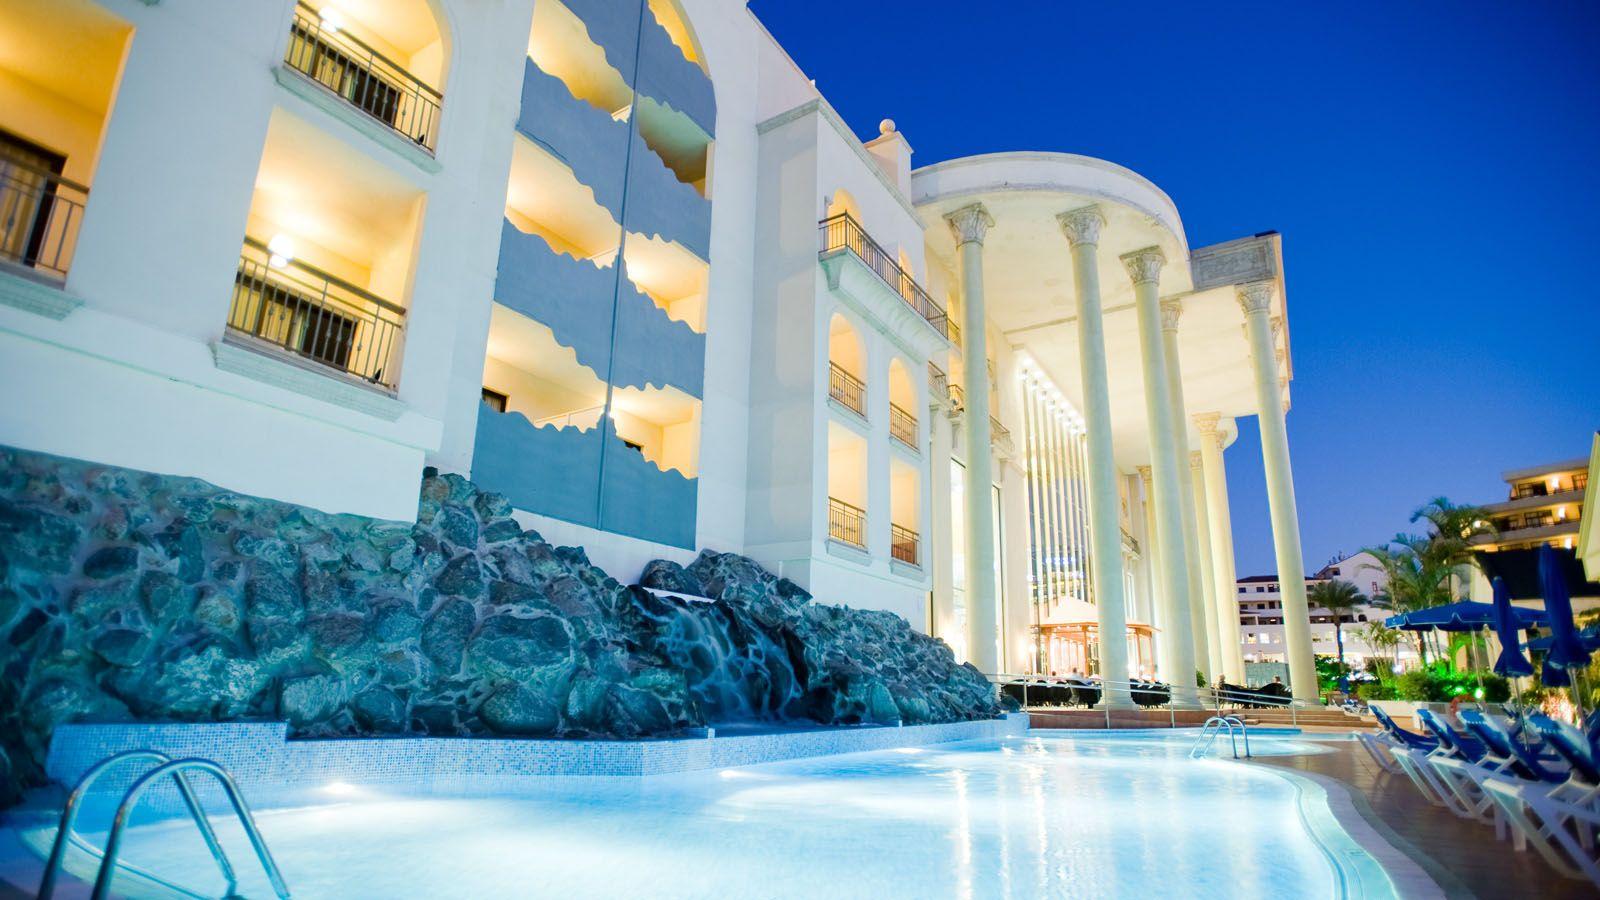 Hoteles En Tenerife Hotel Bahía Princess Hoteles Tenerife Hoteles Hotel